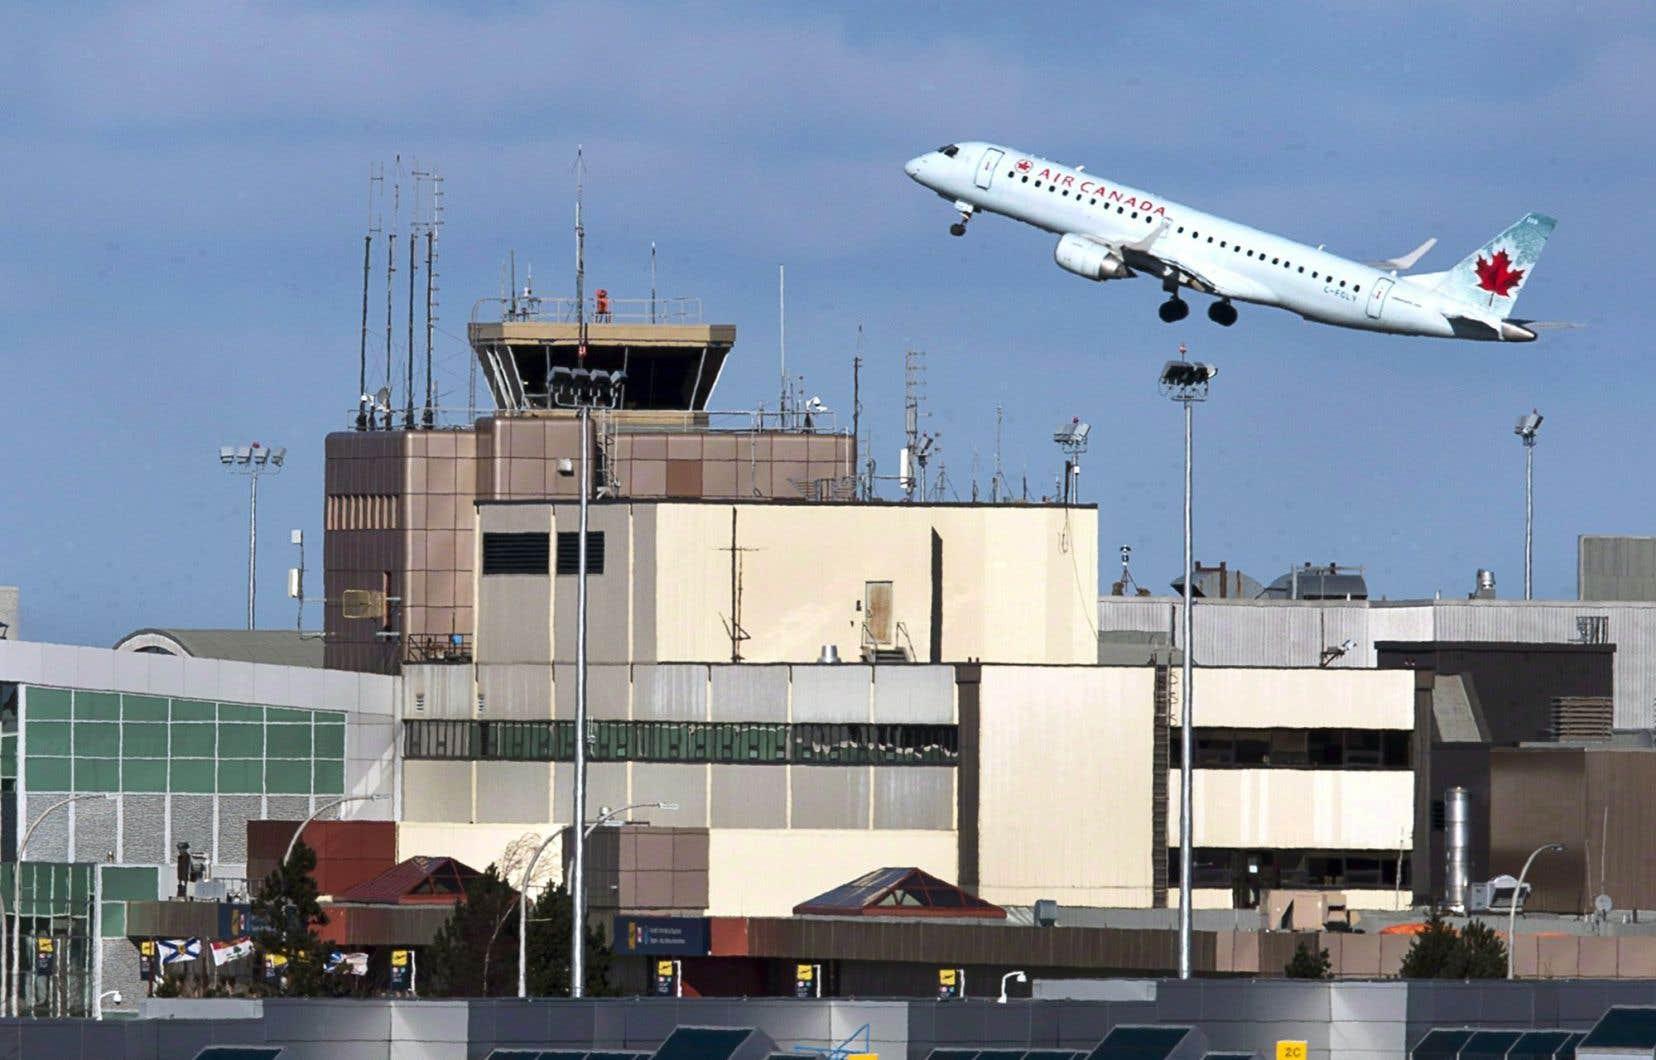 Le volume du trafic aérien a augmenté de 3 % depuis l'an dernier.